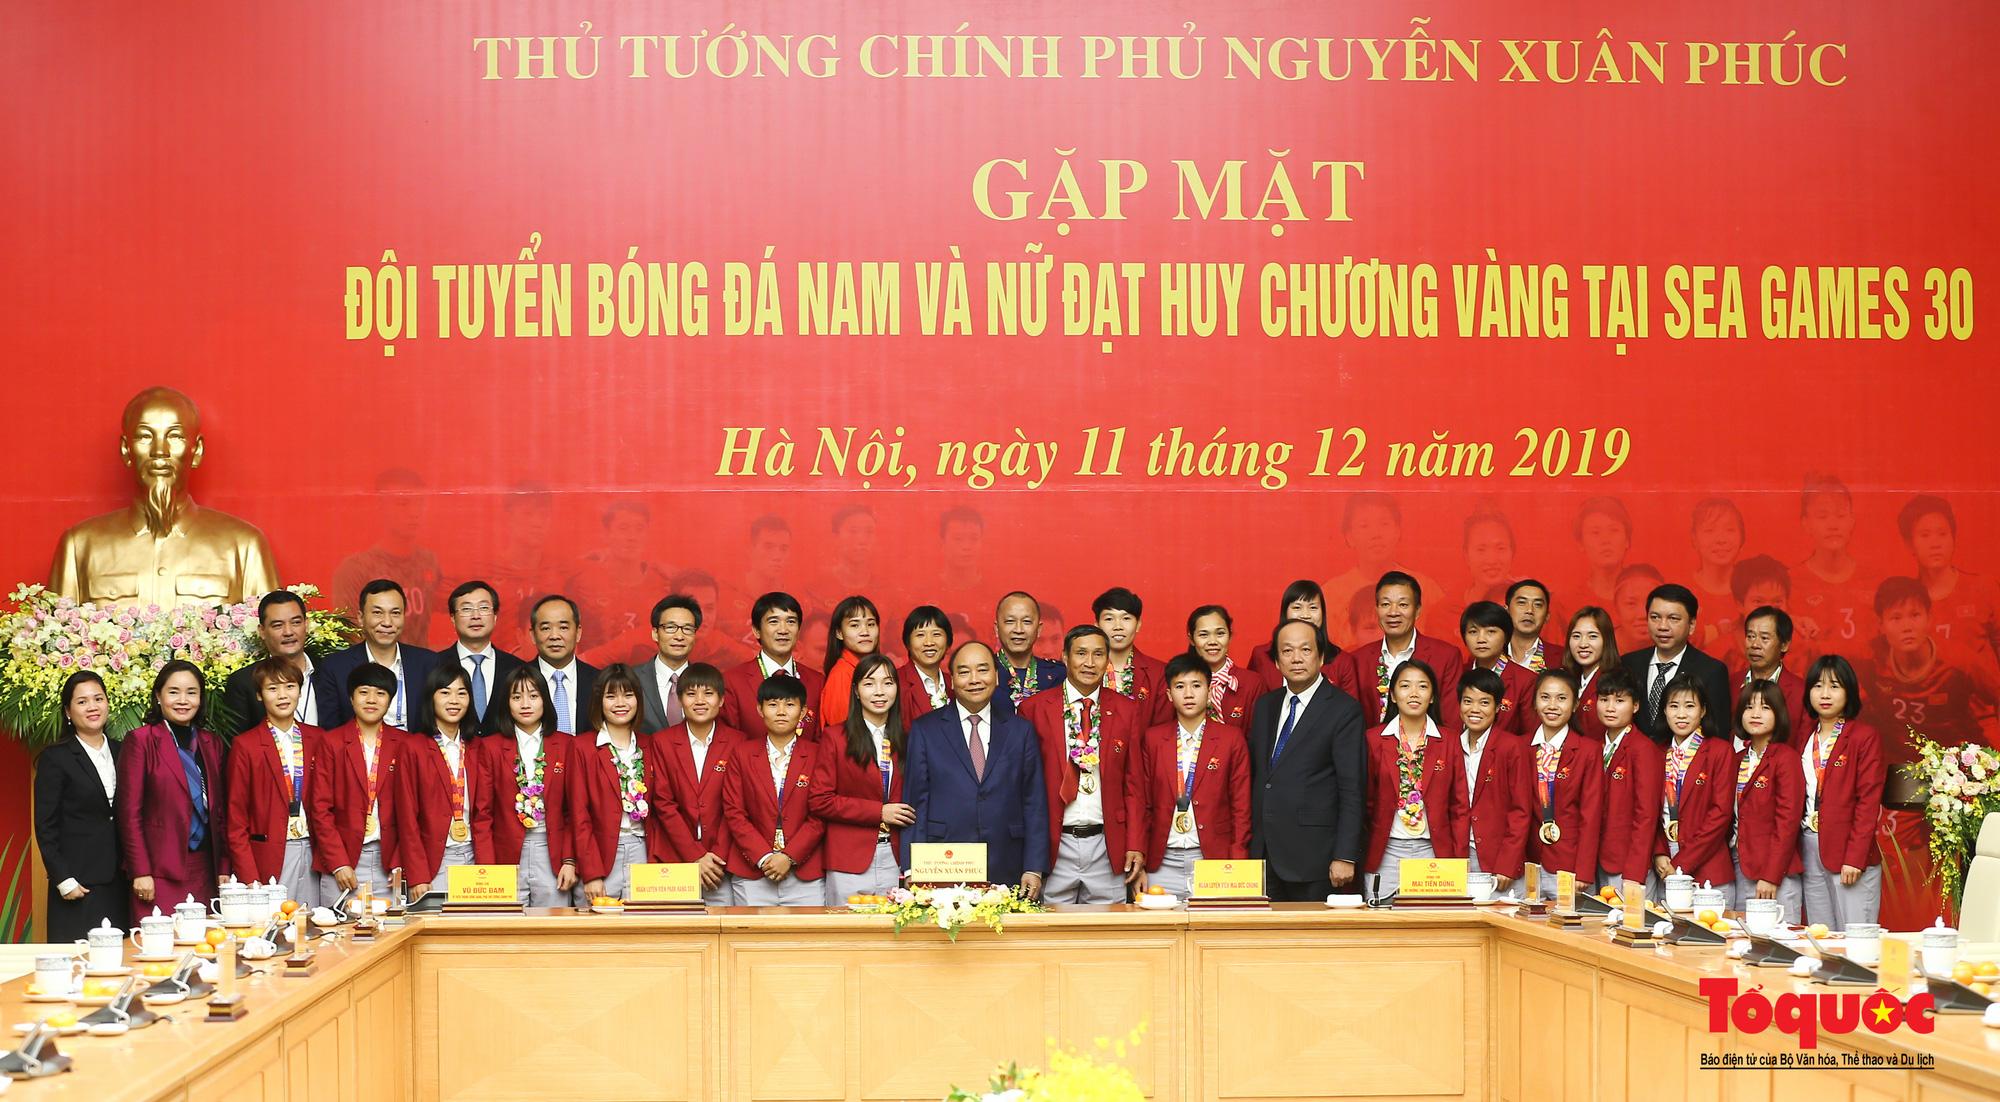 Thủ tướng Nguyễn Xuân Phúc gặp mặt thân mật các cầu thủ đội tuyển U22 Việt Nam và ĐT nữ Việt Nam - Ảnh 17.